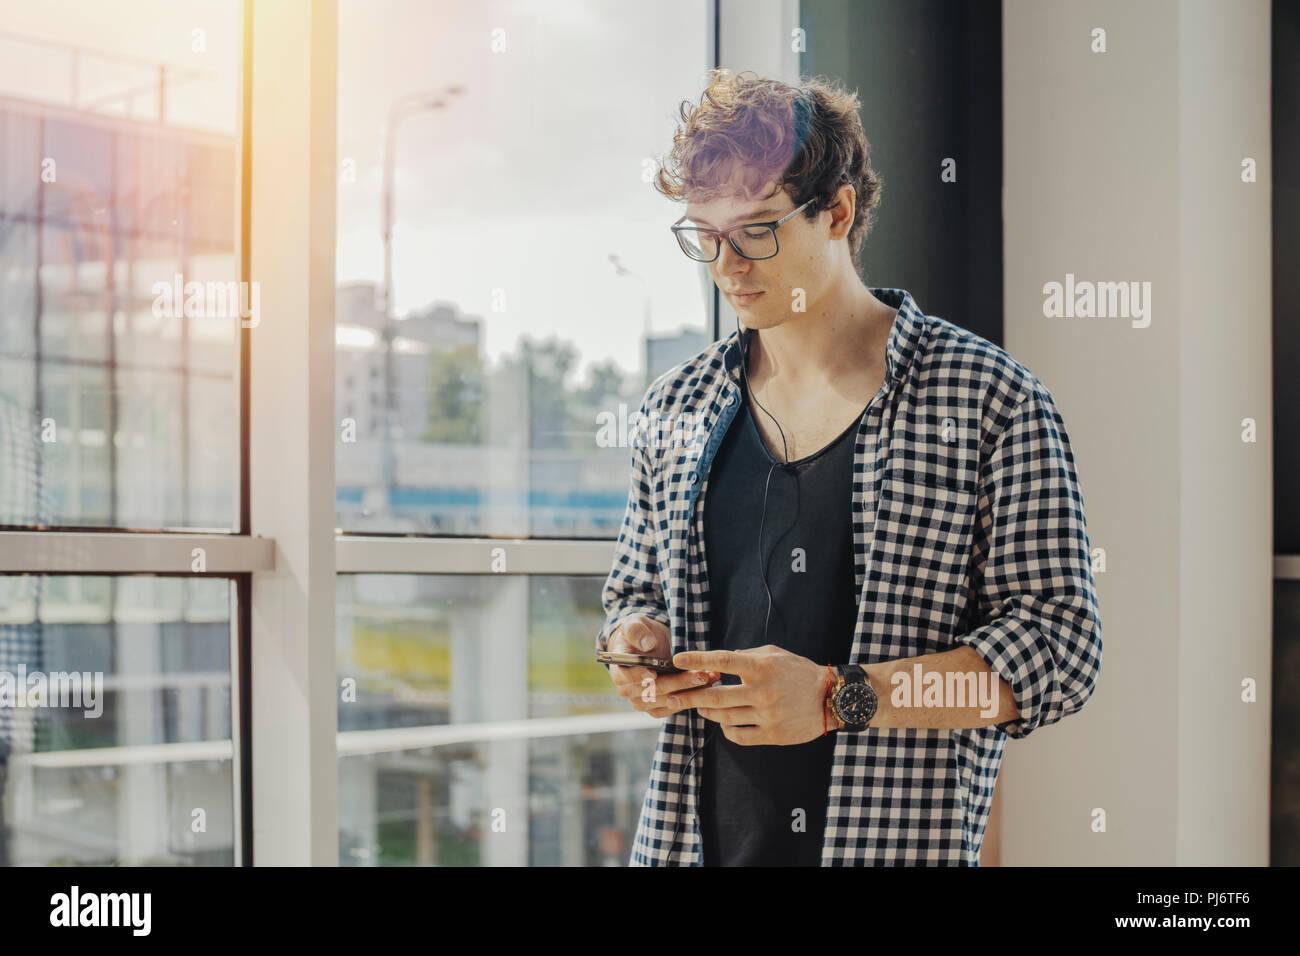 Chiusura del giovane uomo guardando il display del cellulare alla stazione della metropolitana. Immagini Stock